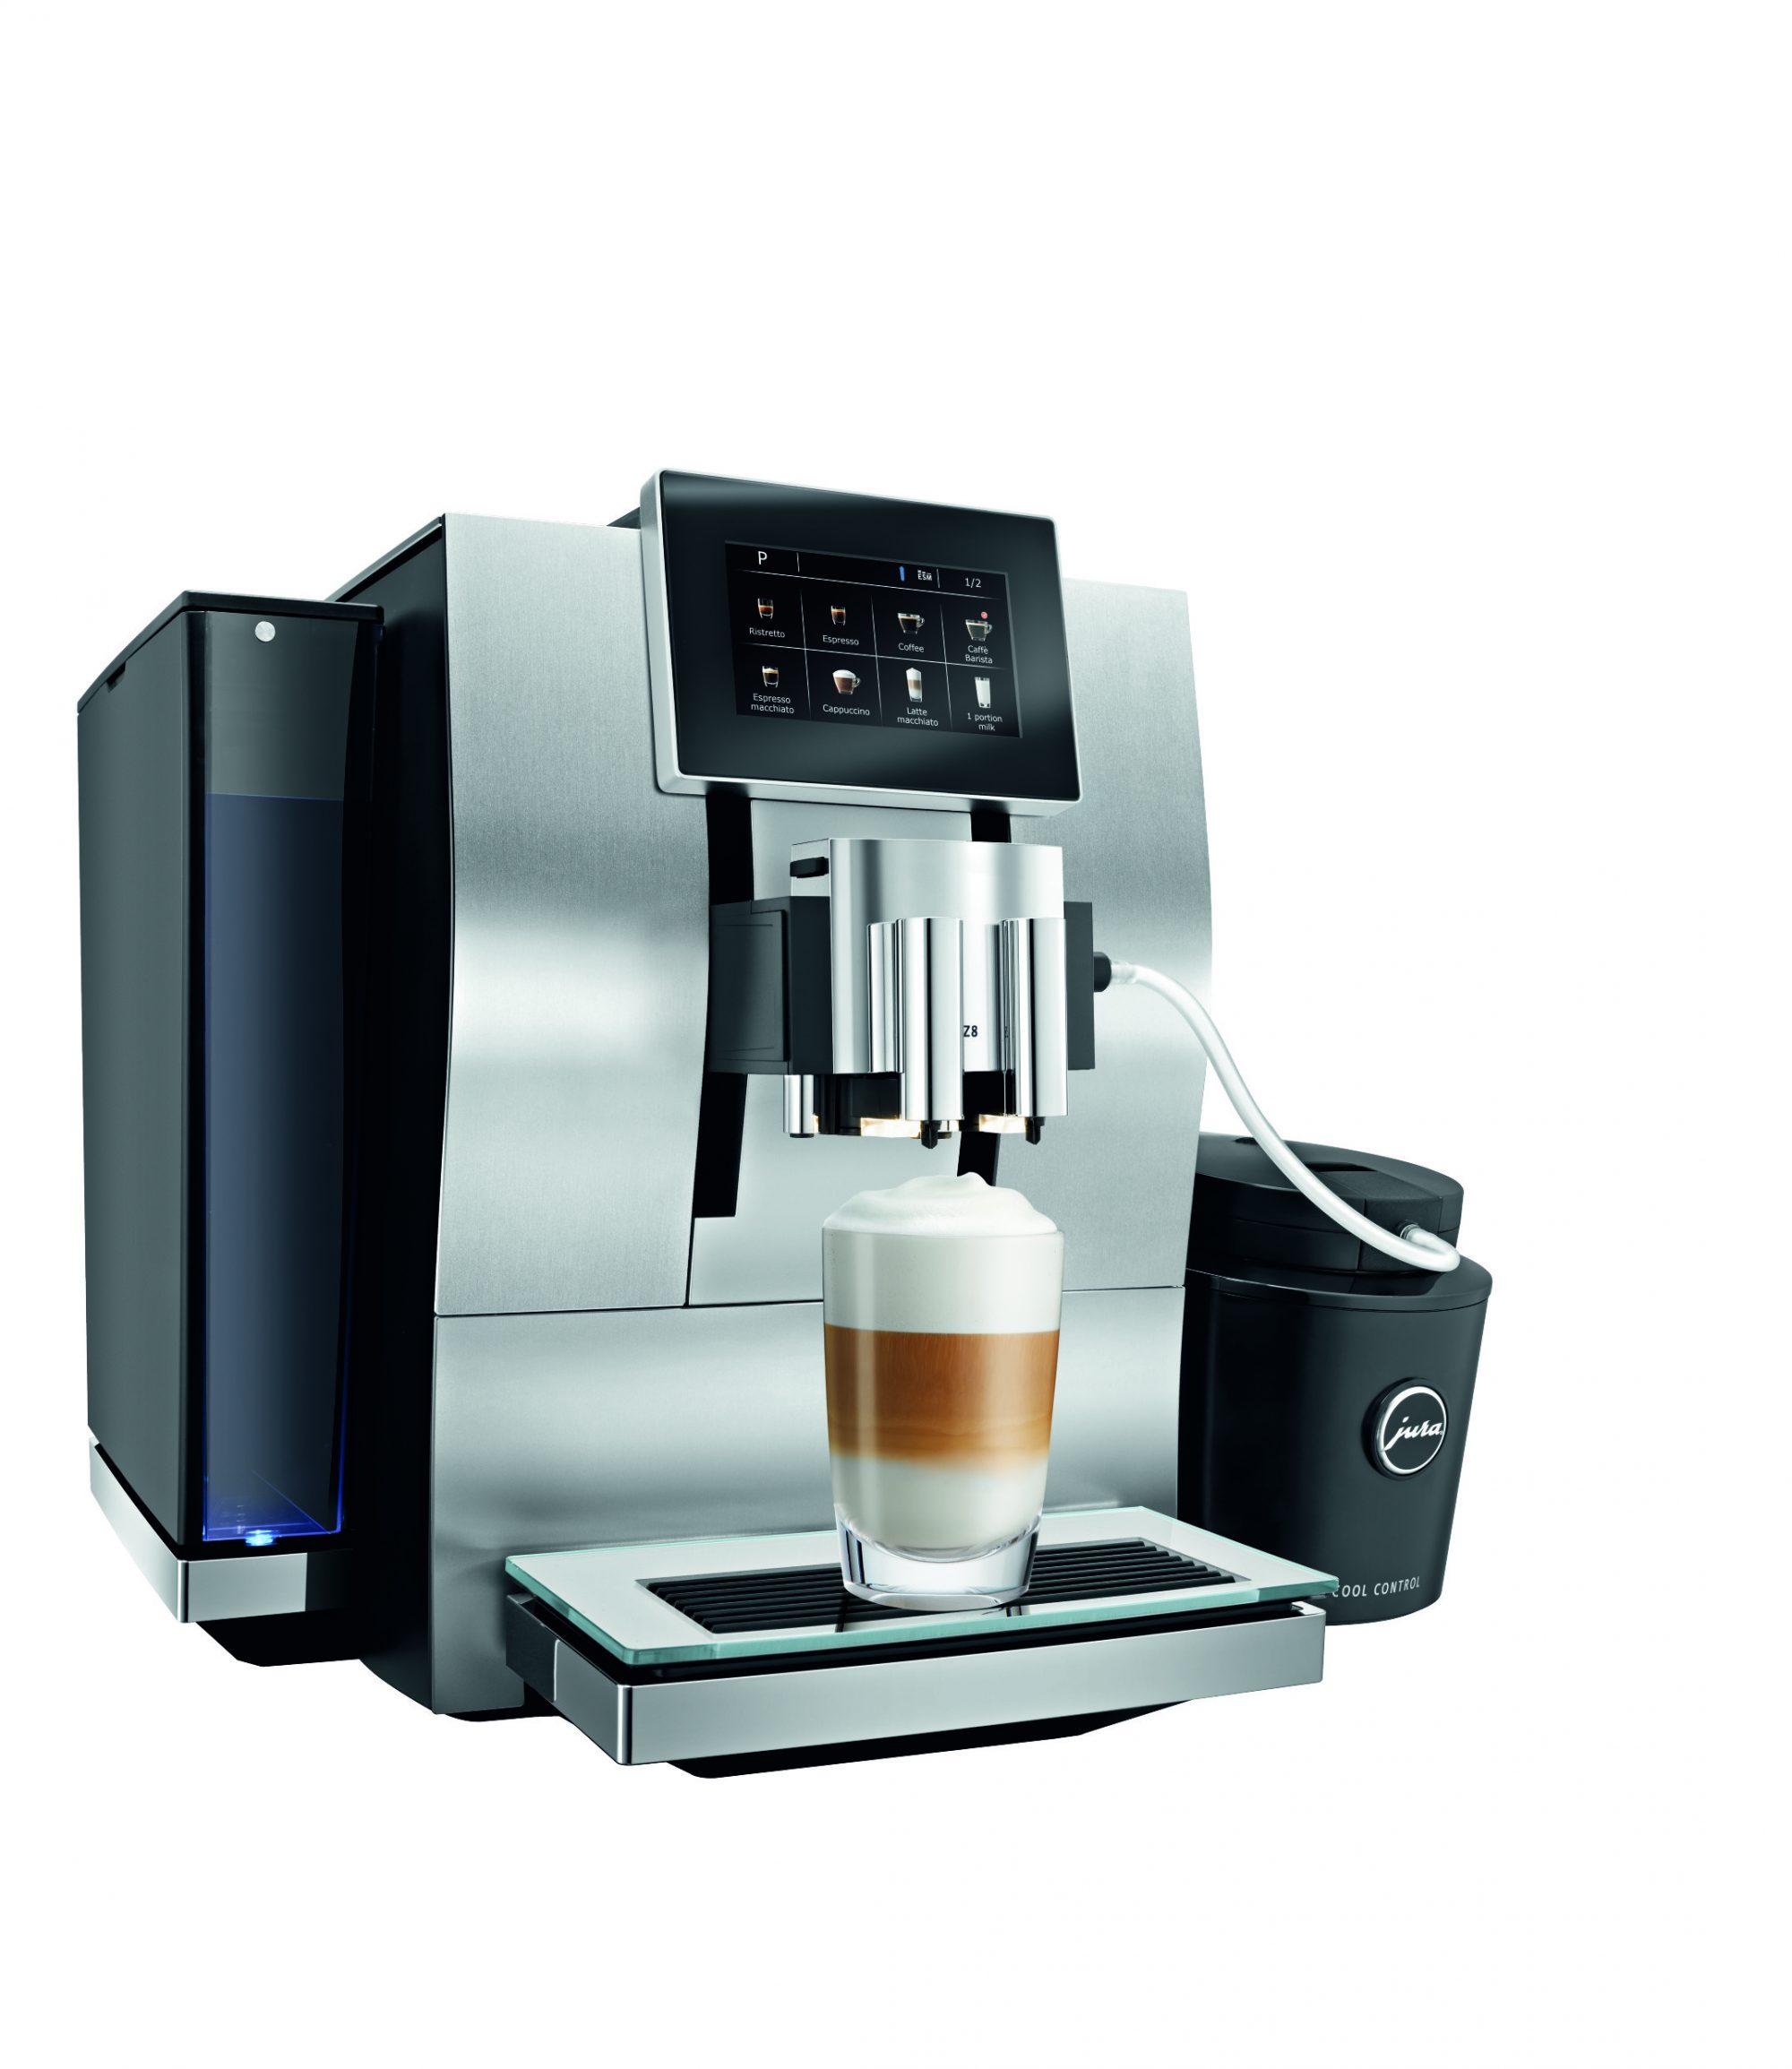 Met de Z8 zet je heel snel een latte macchiato of cappuccino